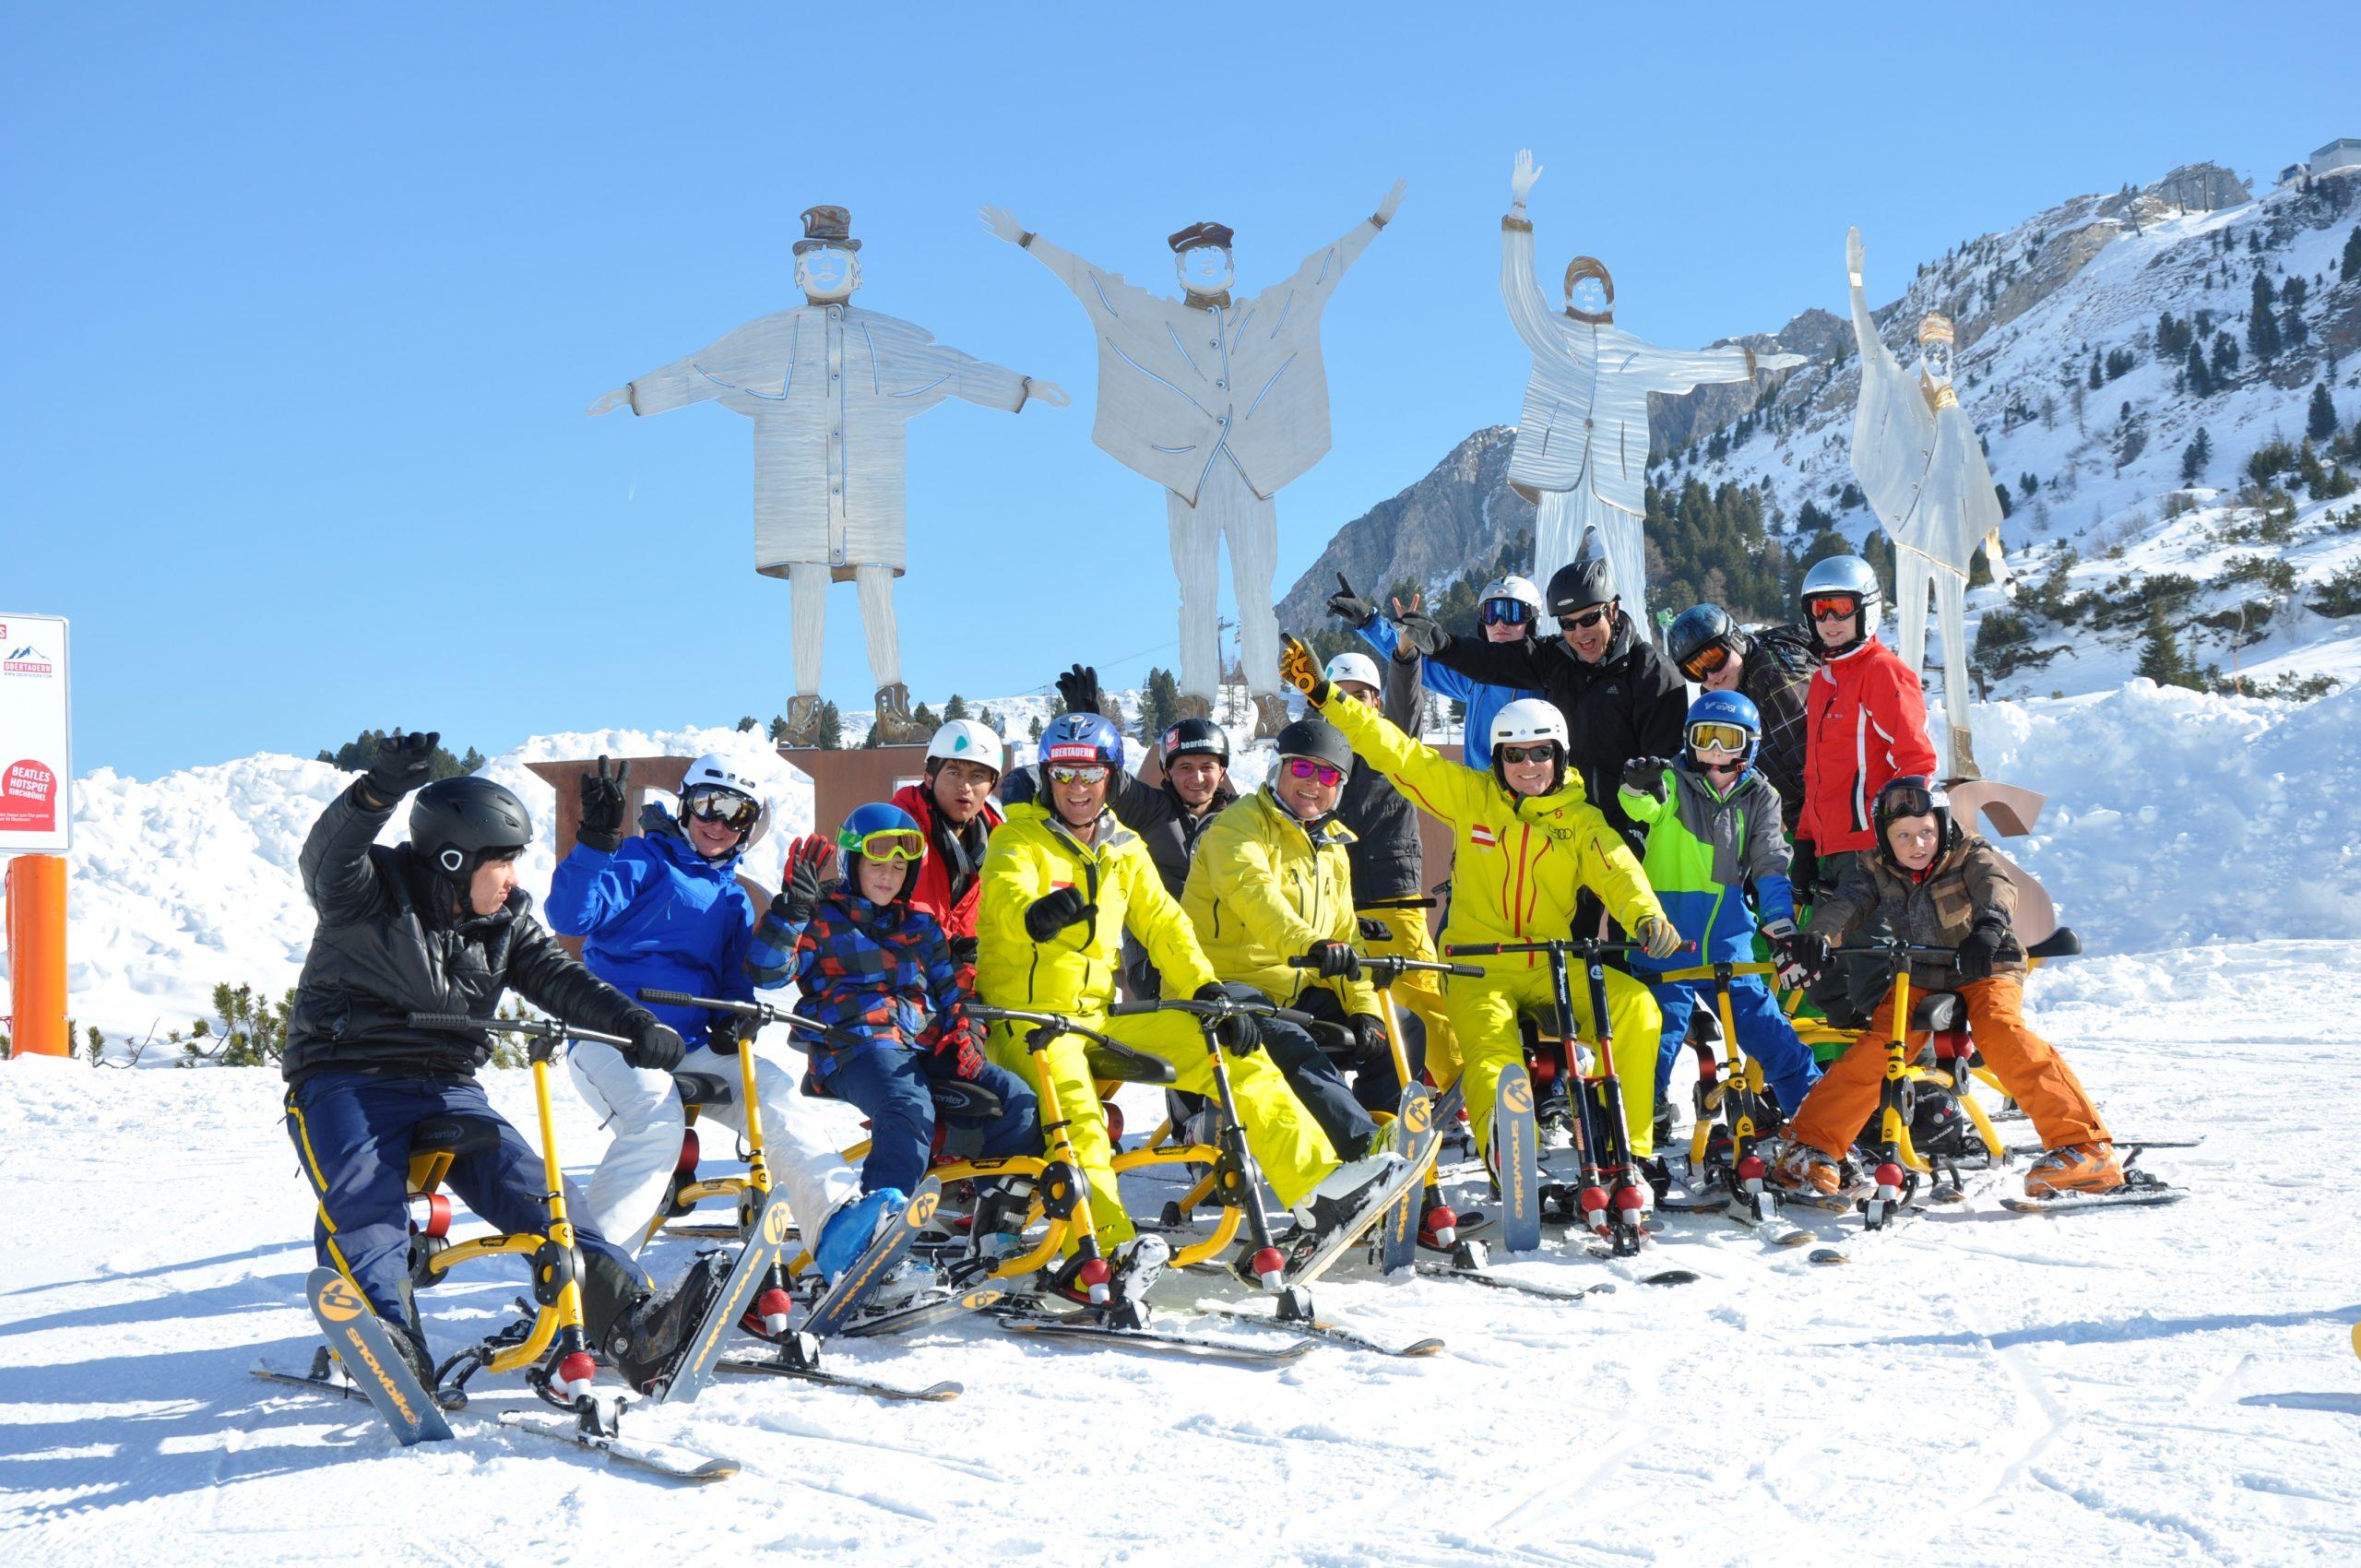 Snowbiken in Obertauern